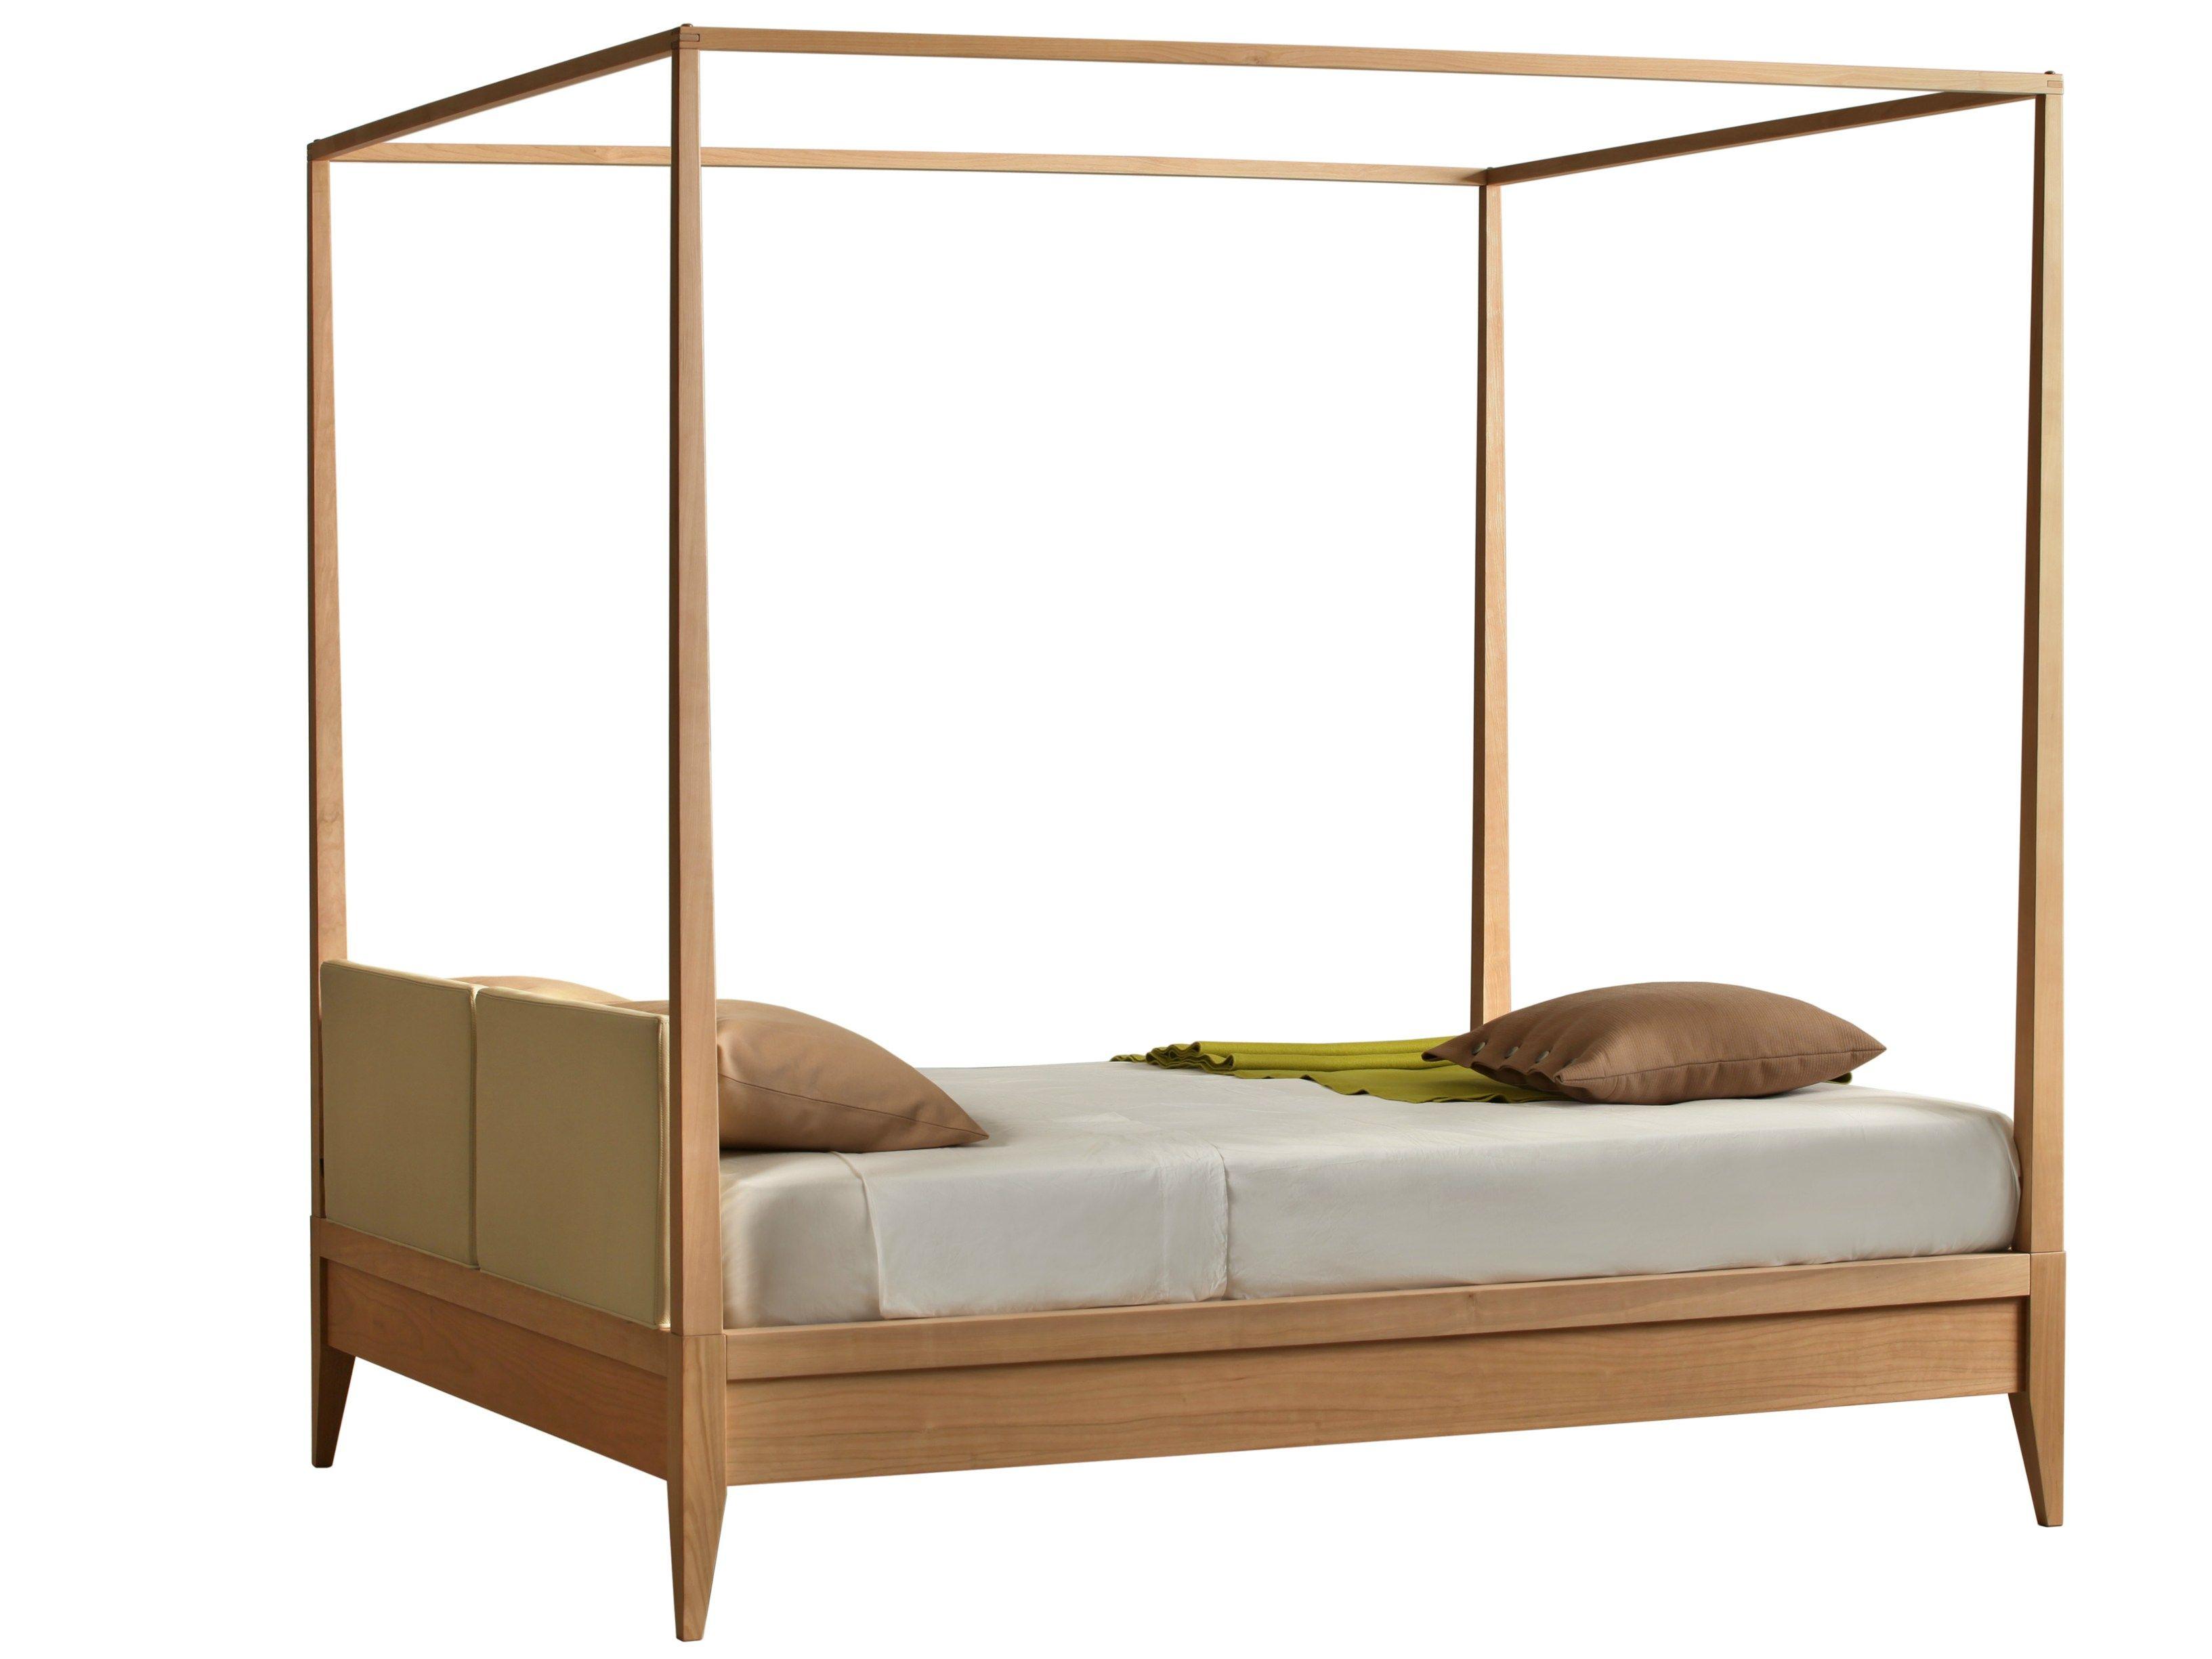 valentino canopy bed by morelato design centro ricerche maam